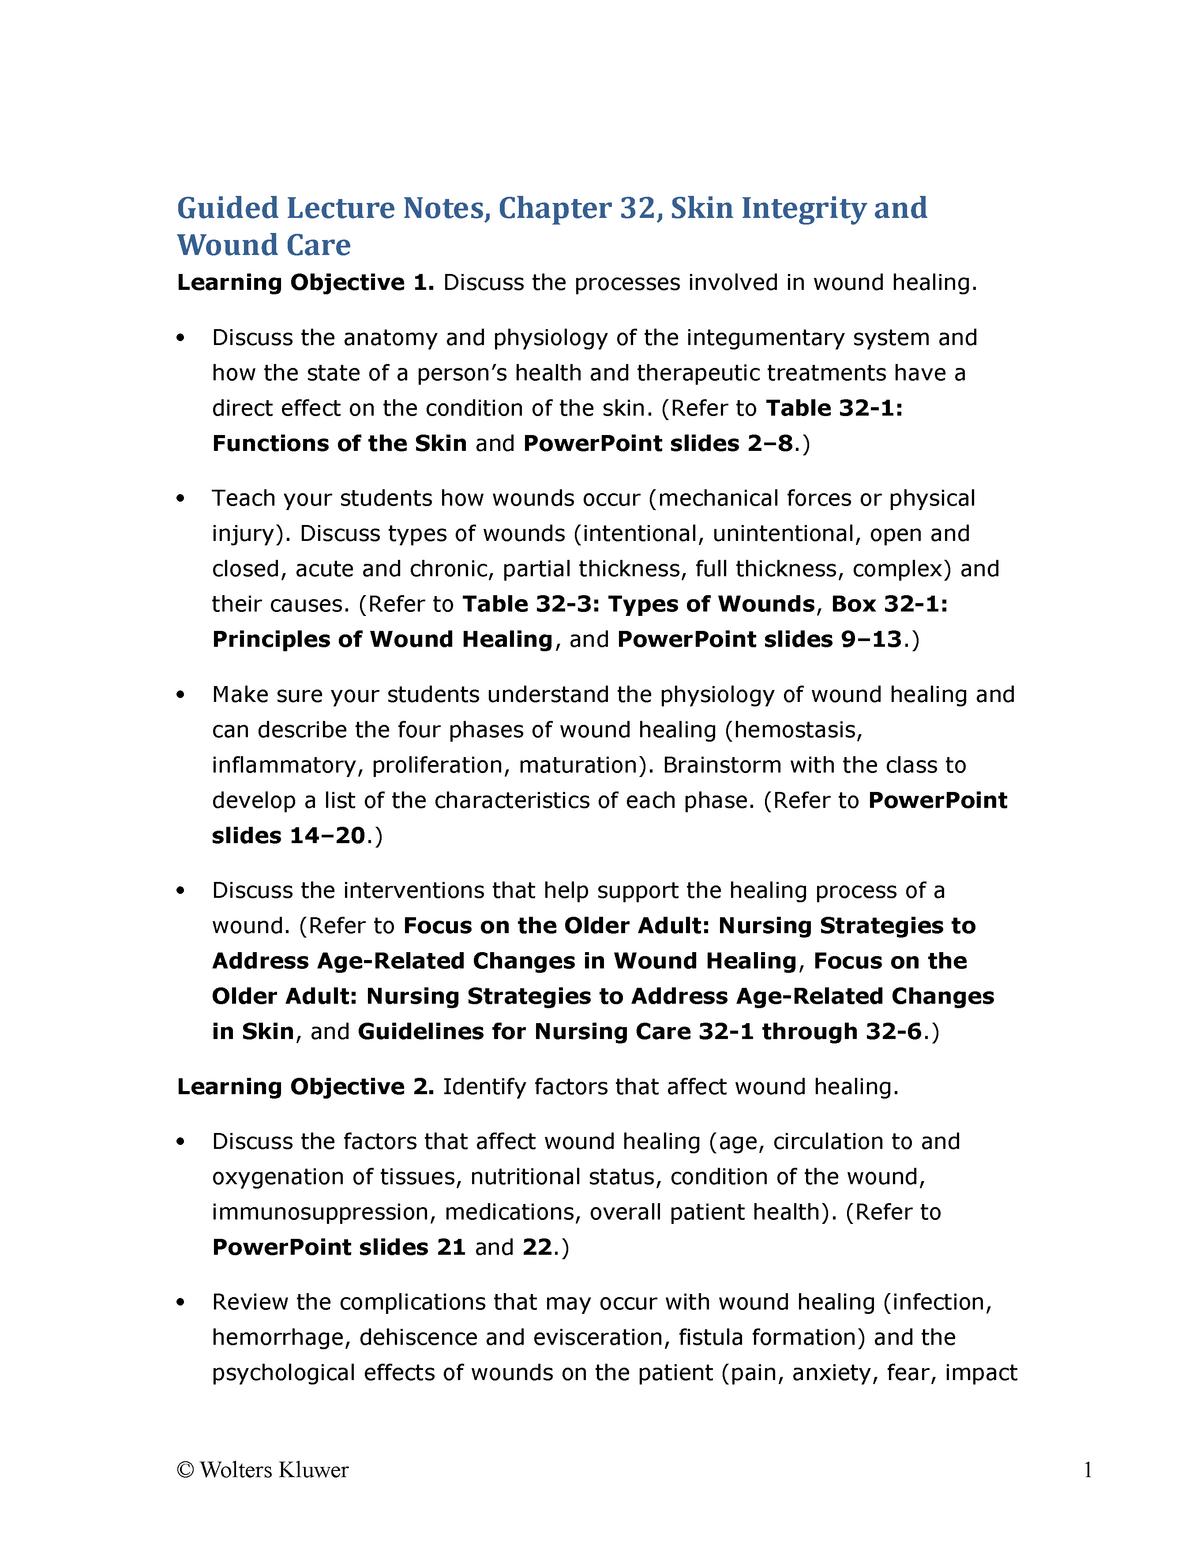 GLN Chapter 32 - key pts ch32 - 780323328524 - StuDocu